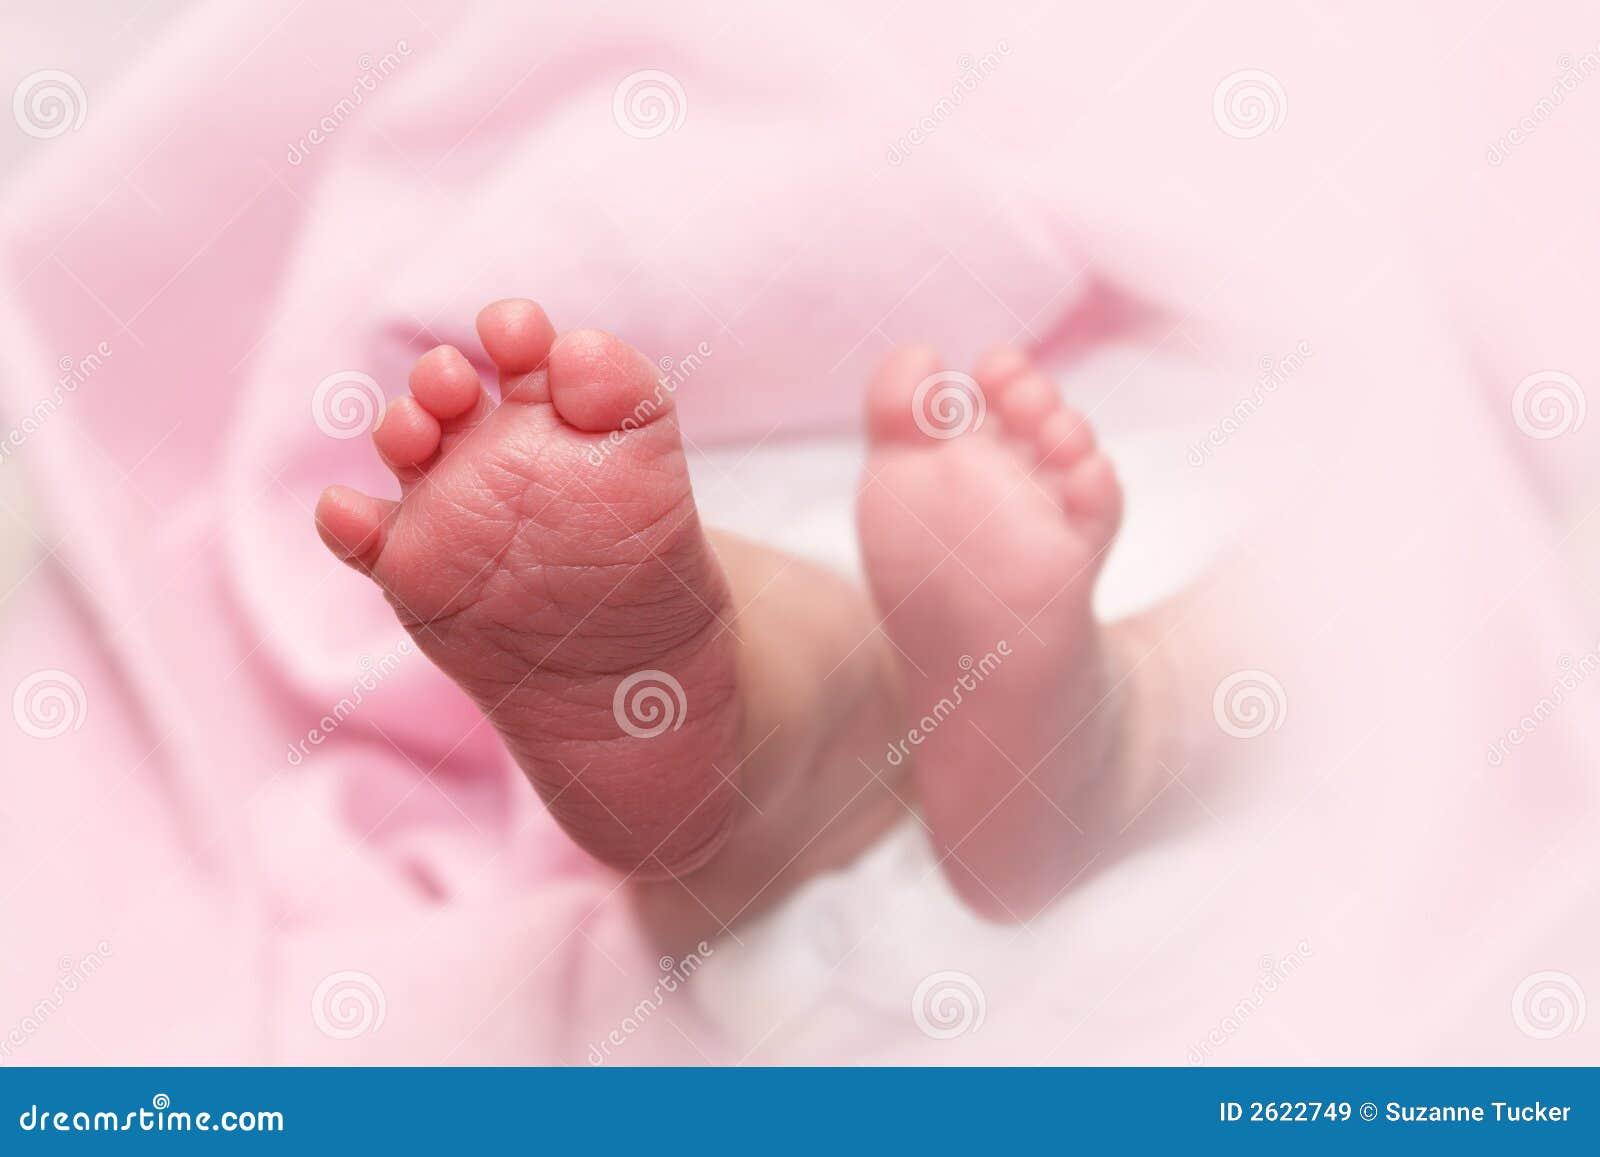 Pies recién nacidos del bebé